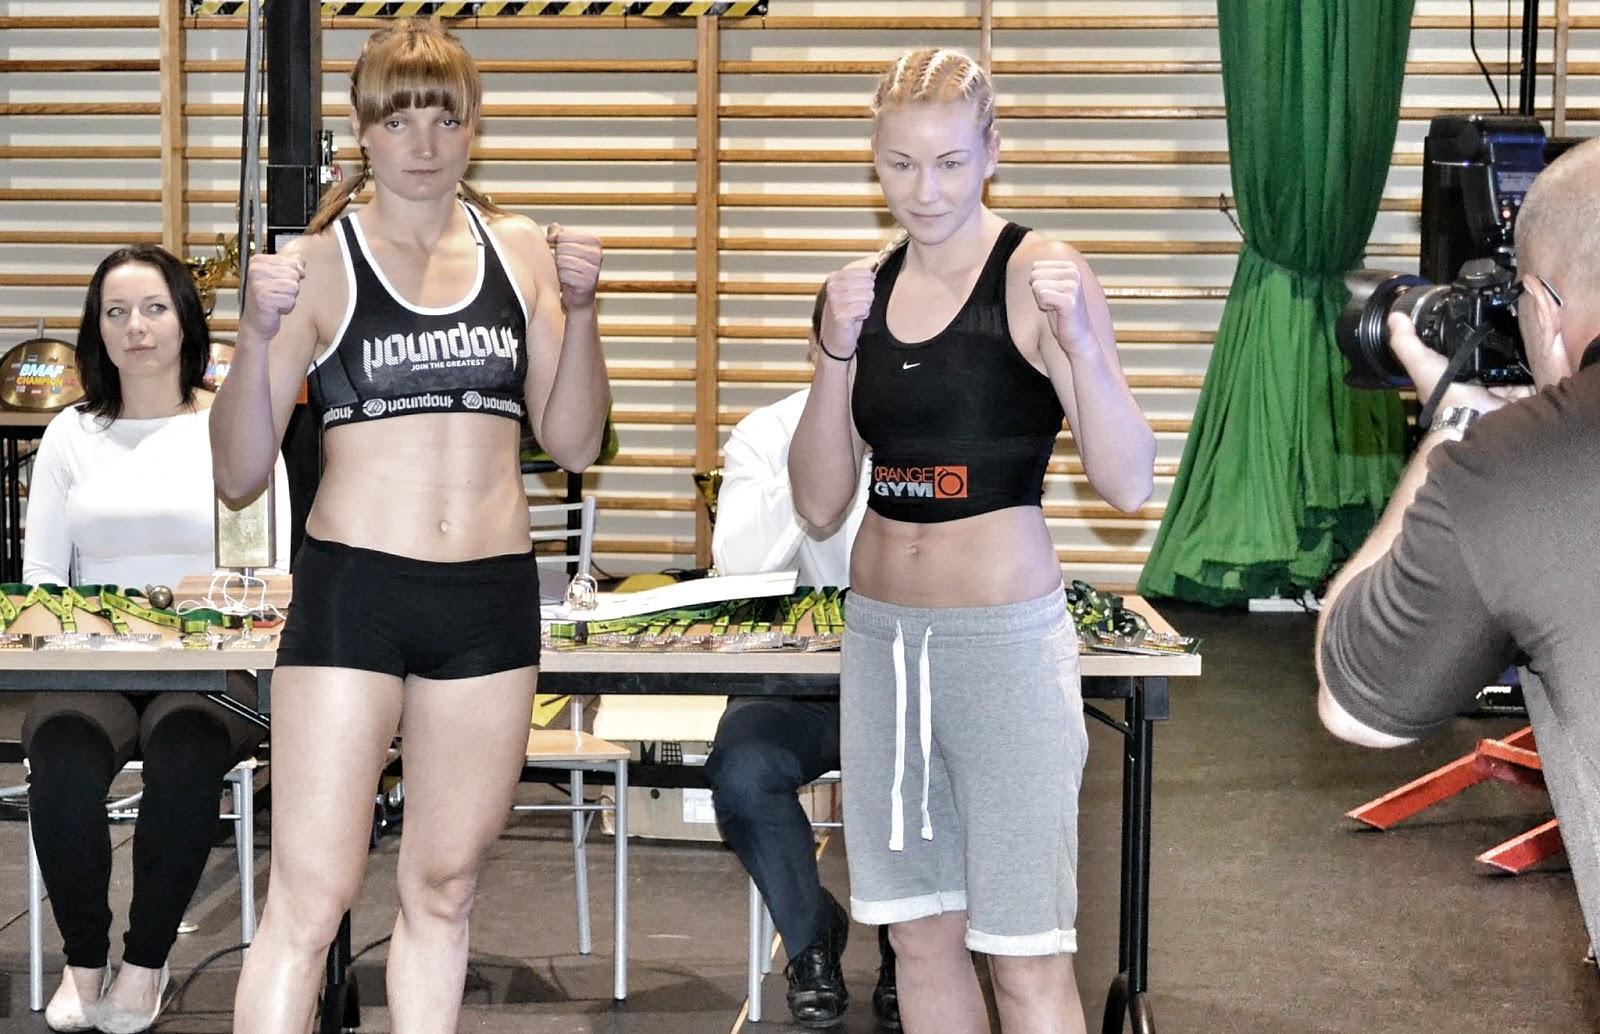 kick-boxing, kickboxing,k-1, Muay thai, boks Emilia Czerwińska, k-1, sport, trening, walki zawodowe, Zawodowe Mistrzostwo Polski, Zielona Góra